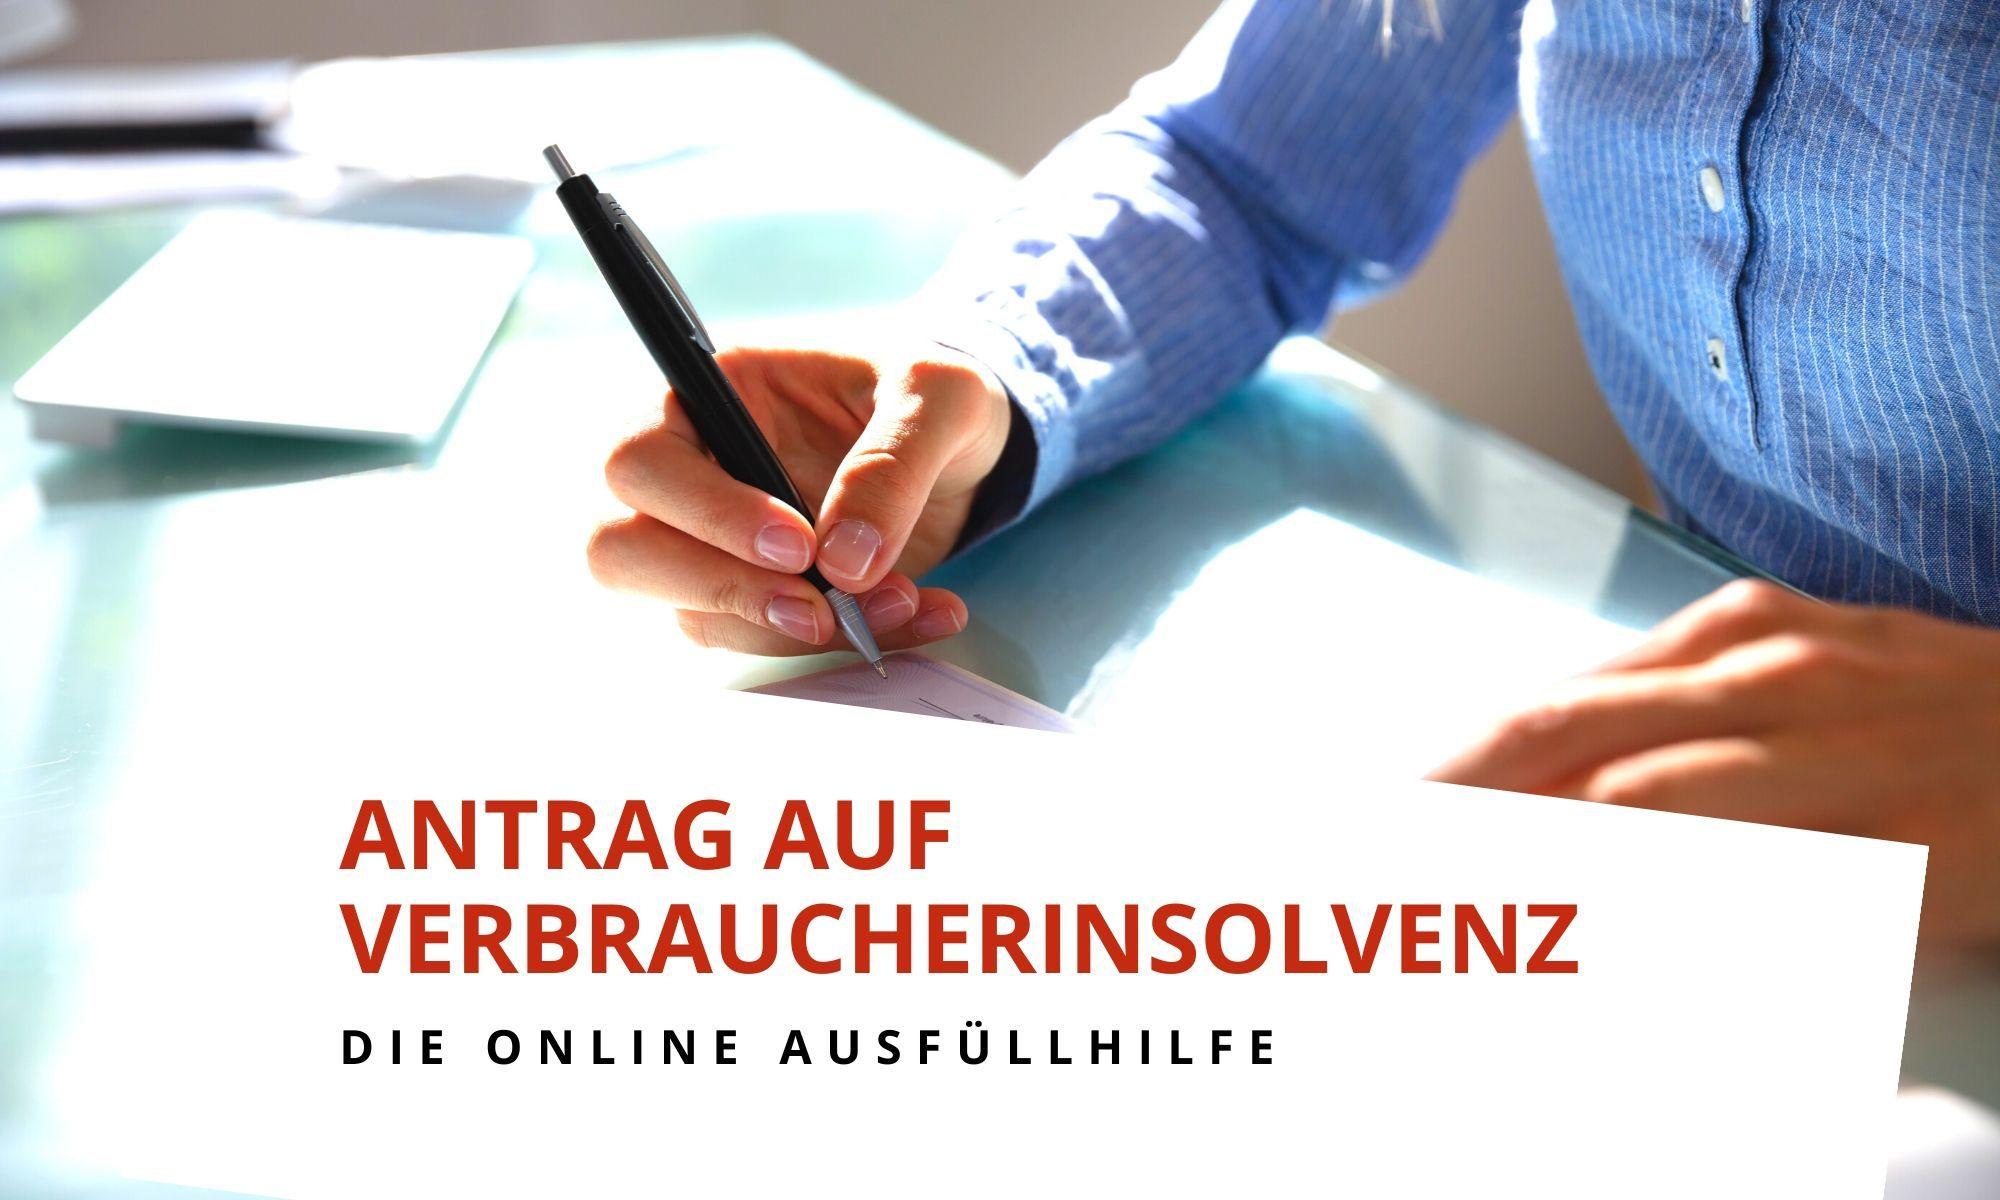 Insolvenzantrag online ausfüllen